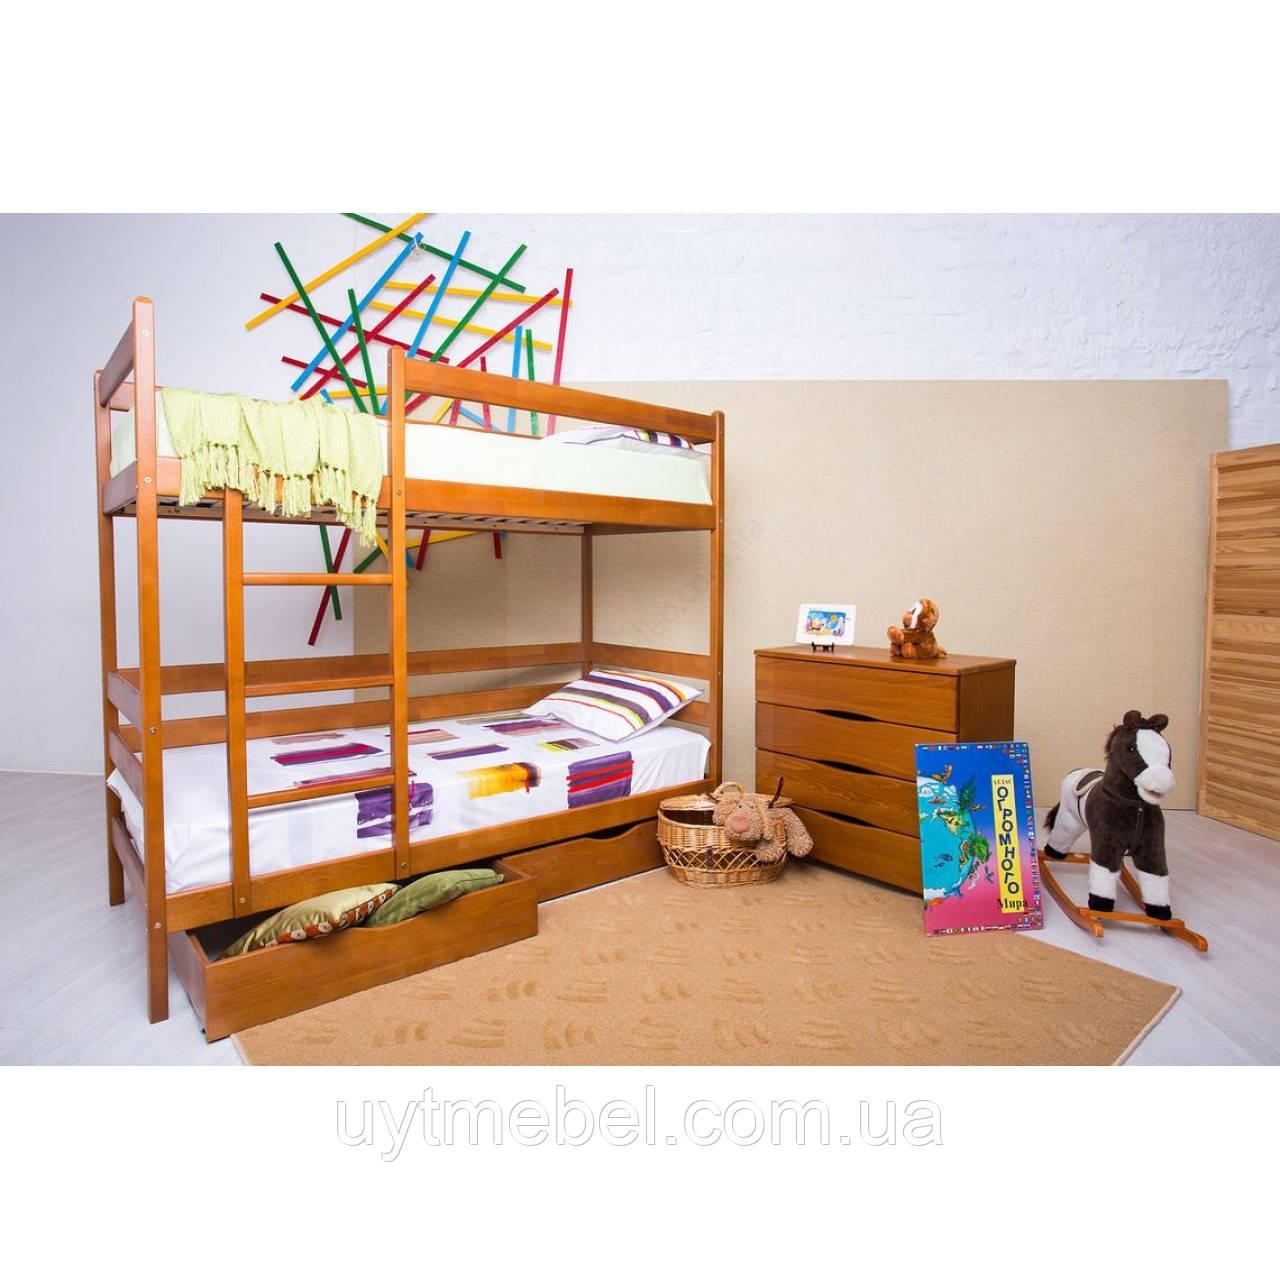 Ліжко 2-х ярусне Амелі 900х2000+2 ящ.борт ЛВ бук (Олімп)